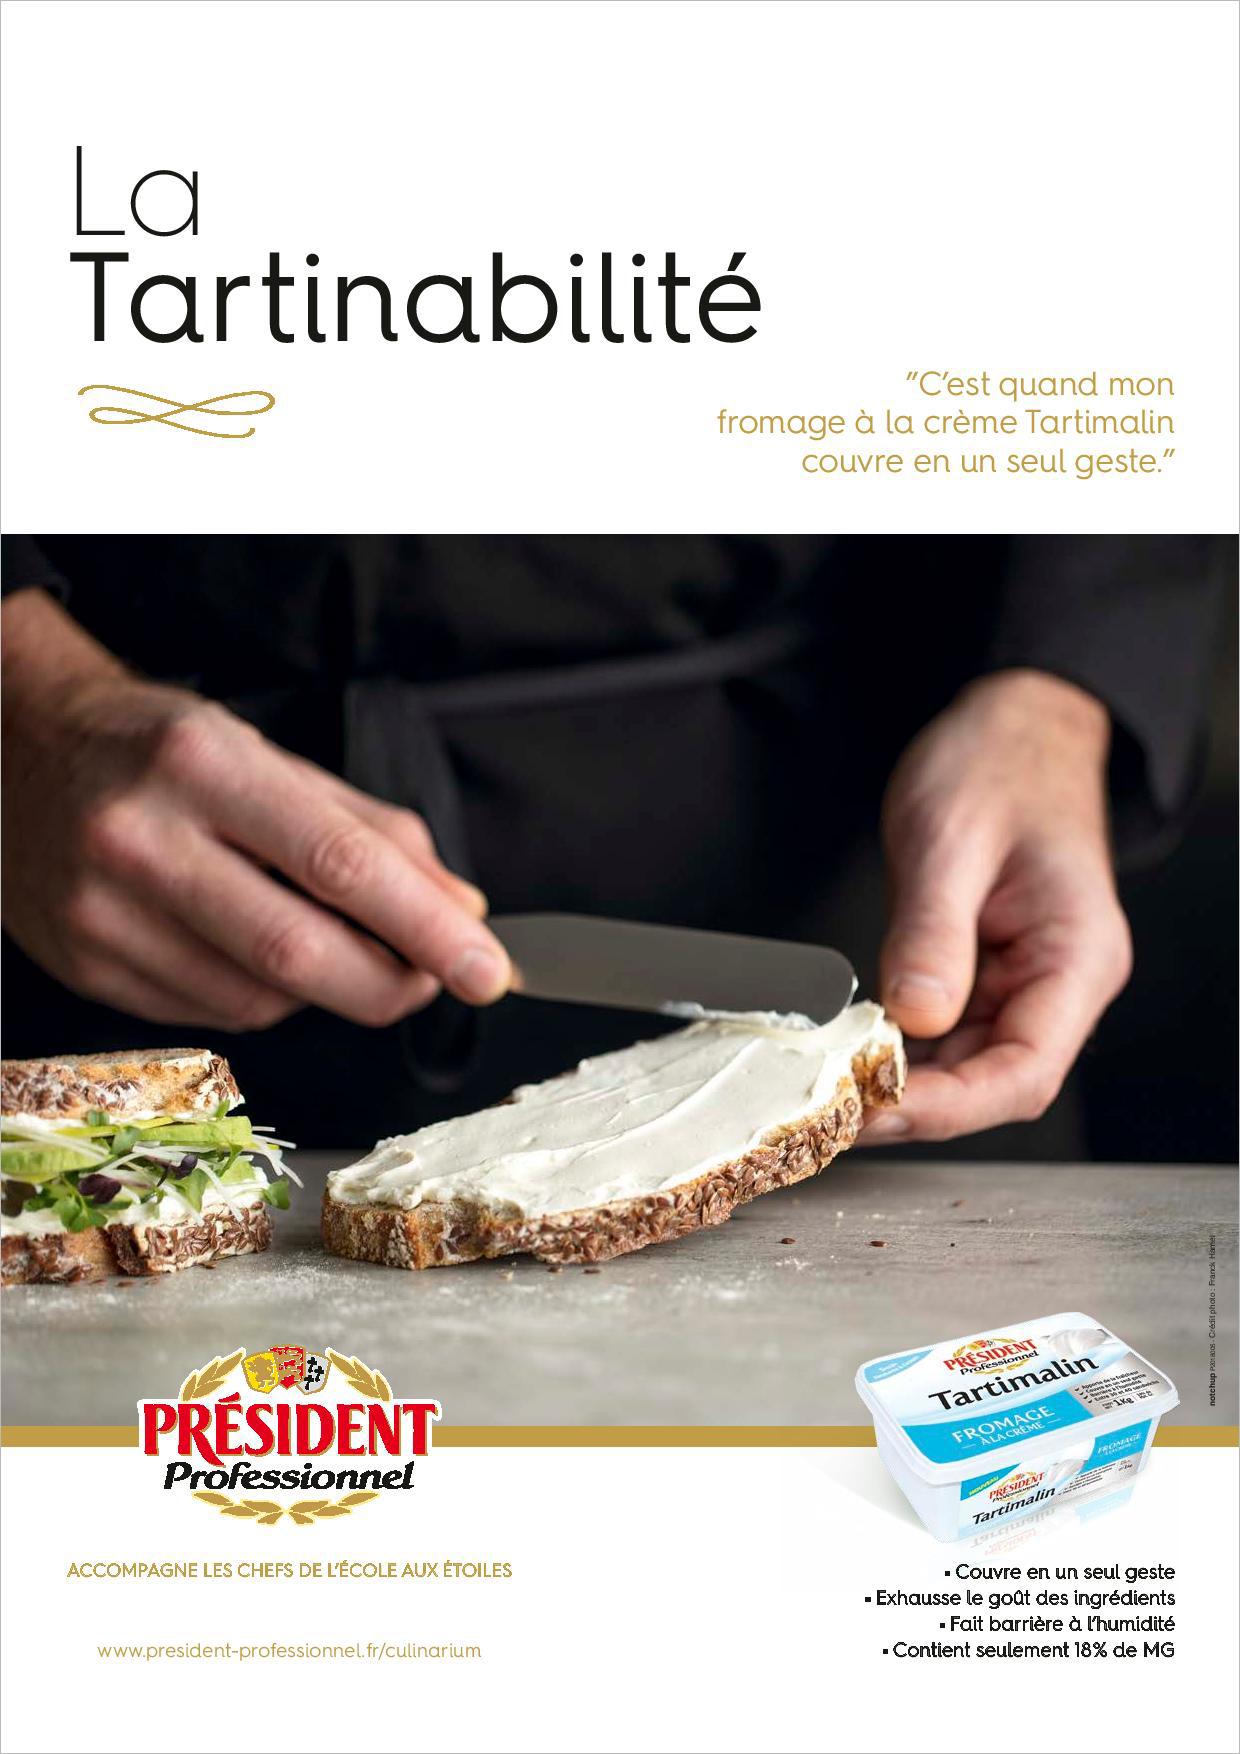 Valerie-Paumelle-Agent-photographe-culinaire-franck-hamel-(2filet).jpg